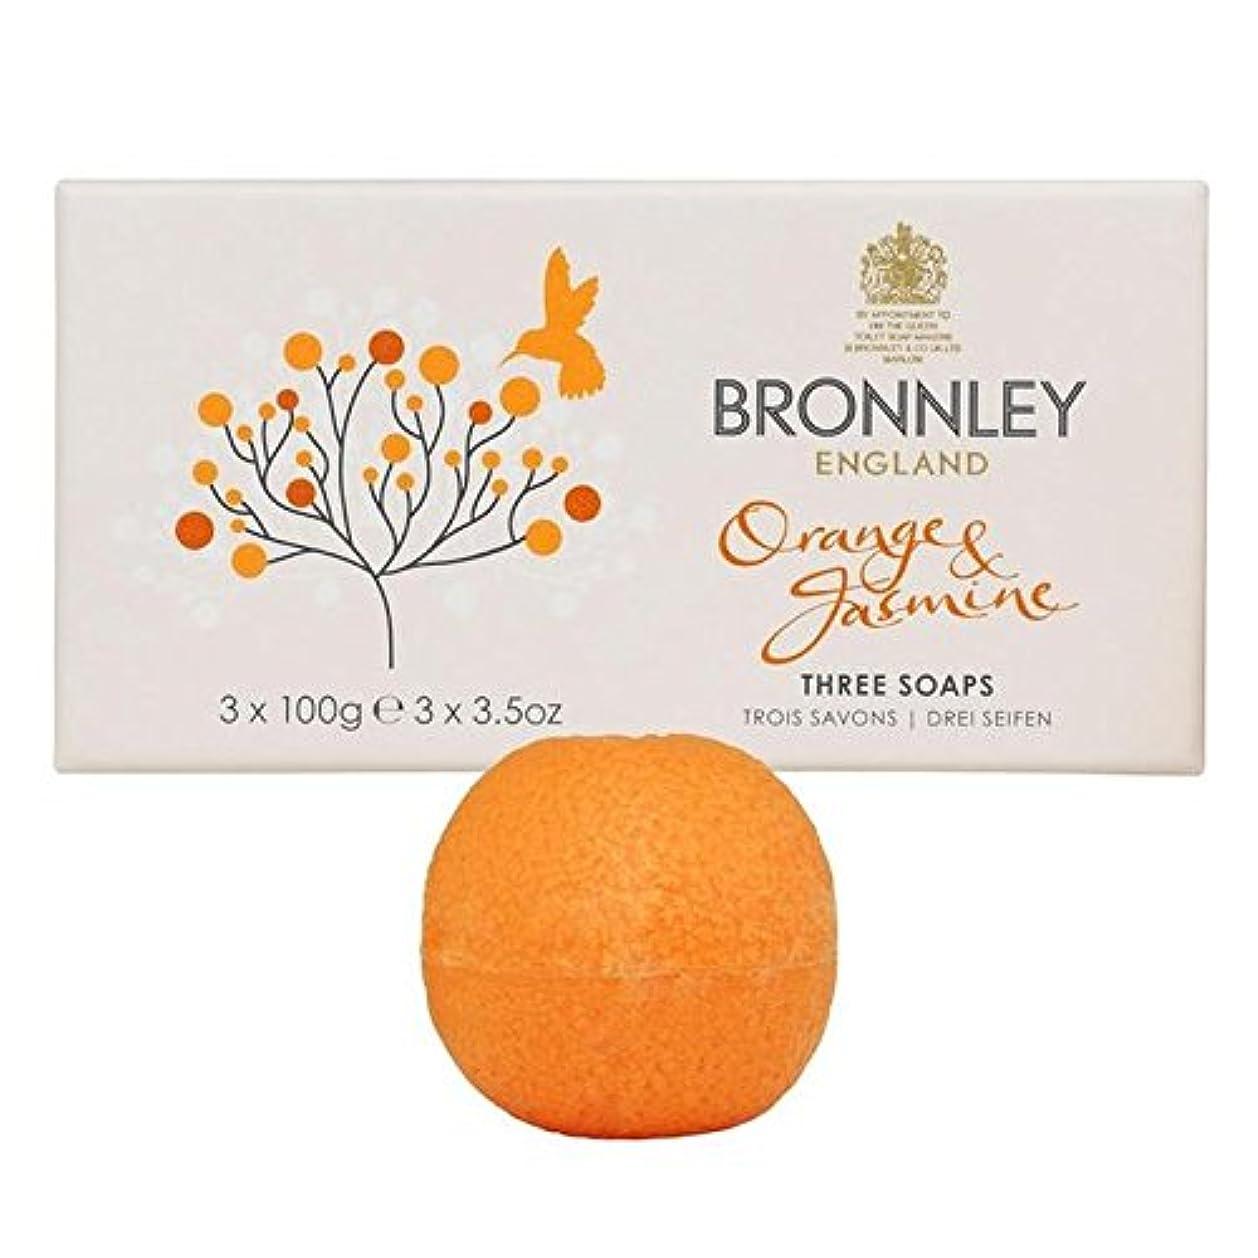 避けられない報復する革新Bronnley Orange & Jasmine Soaps 3 x 100g - オレンジ&ジャスミン石鹸3×100グラム [並行輸入品]